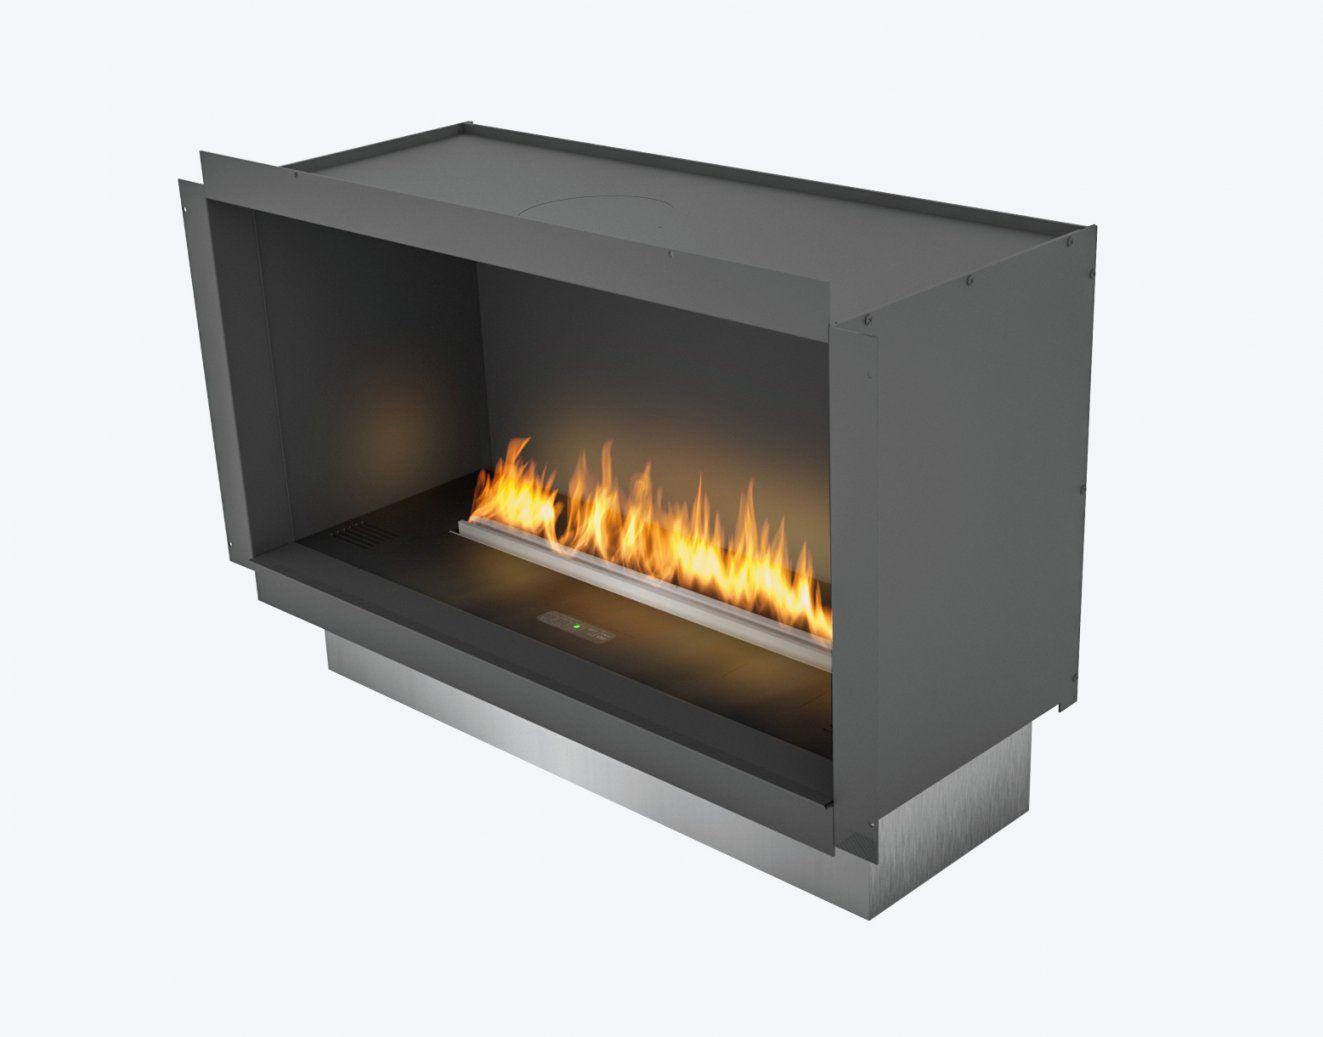 ethanol kamin selber bauen mit gelkamin frisch brenner brennkammer von ethanol brenner selber. Black Bedroom Furniture Sets. Home Design Ideas